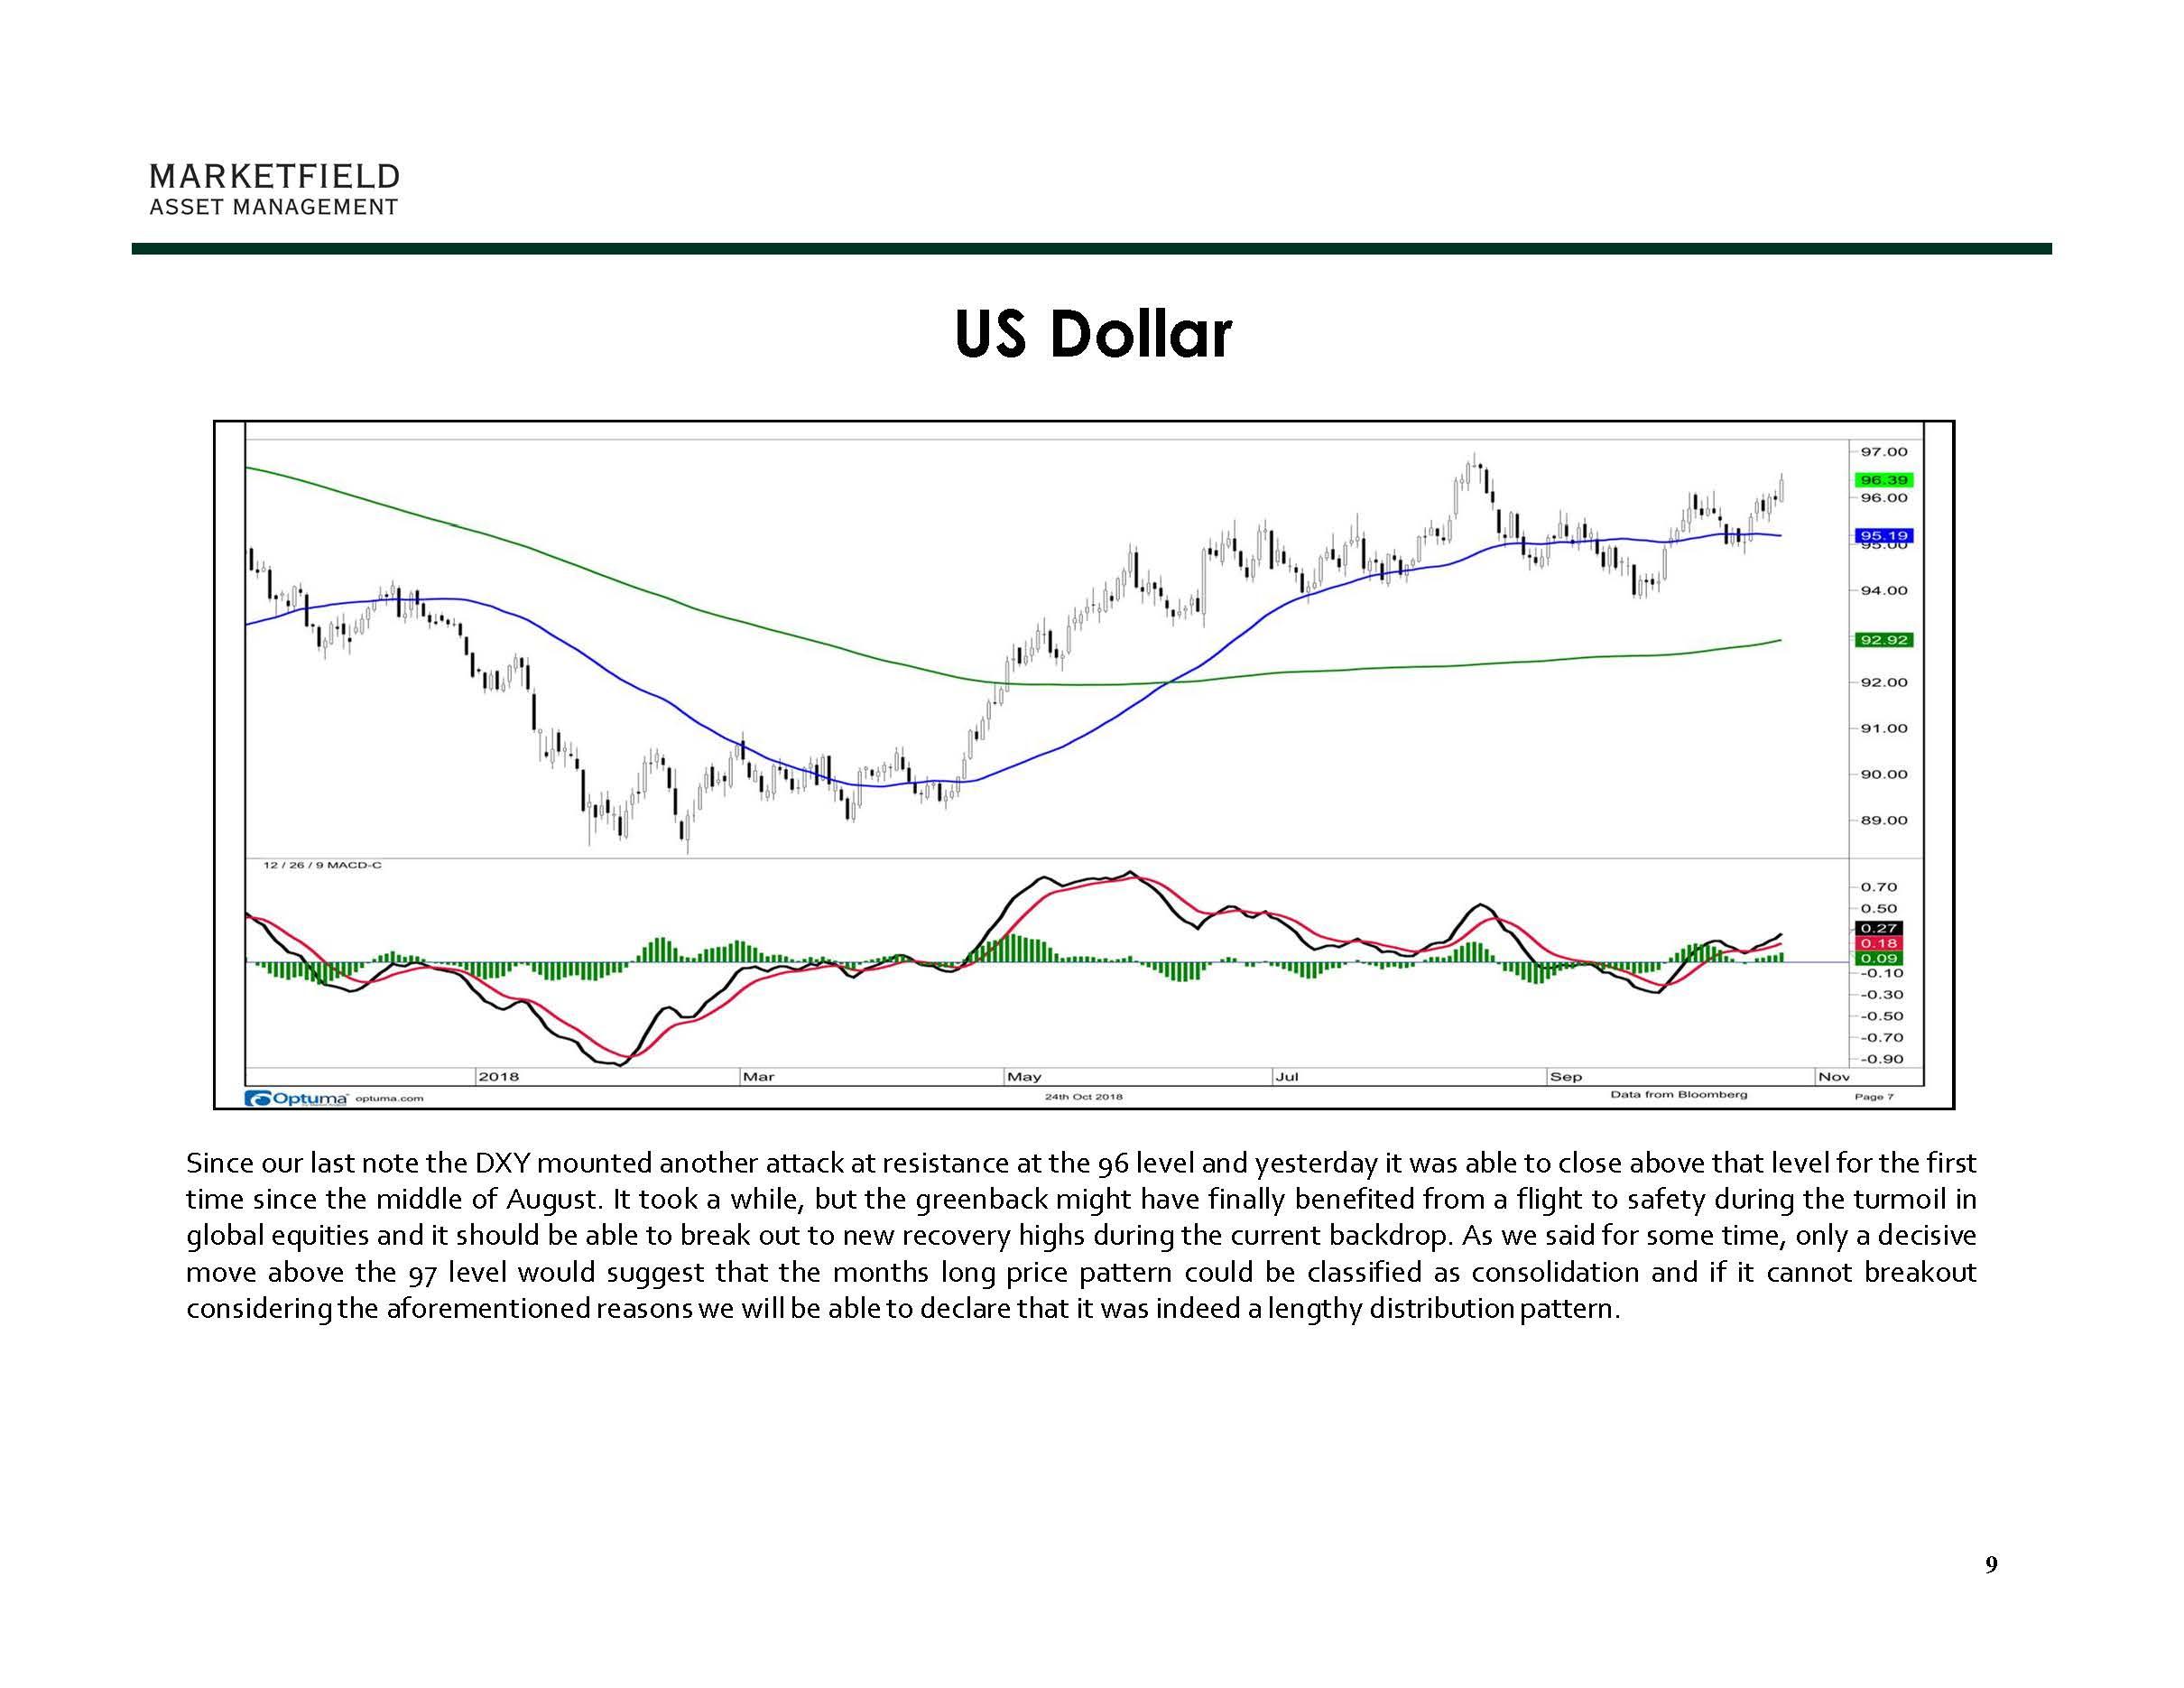 10-25-18_Weekly Speculator_Page_09.jpg